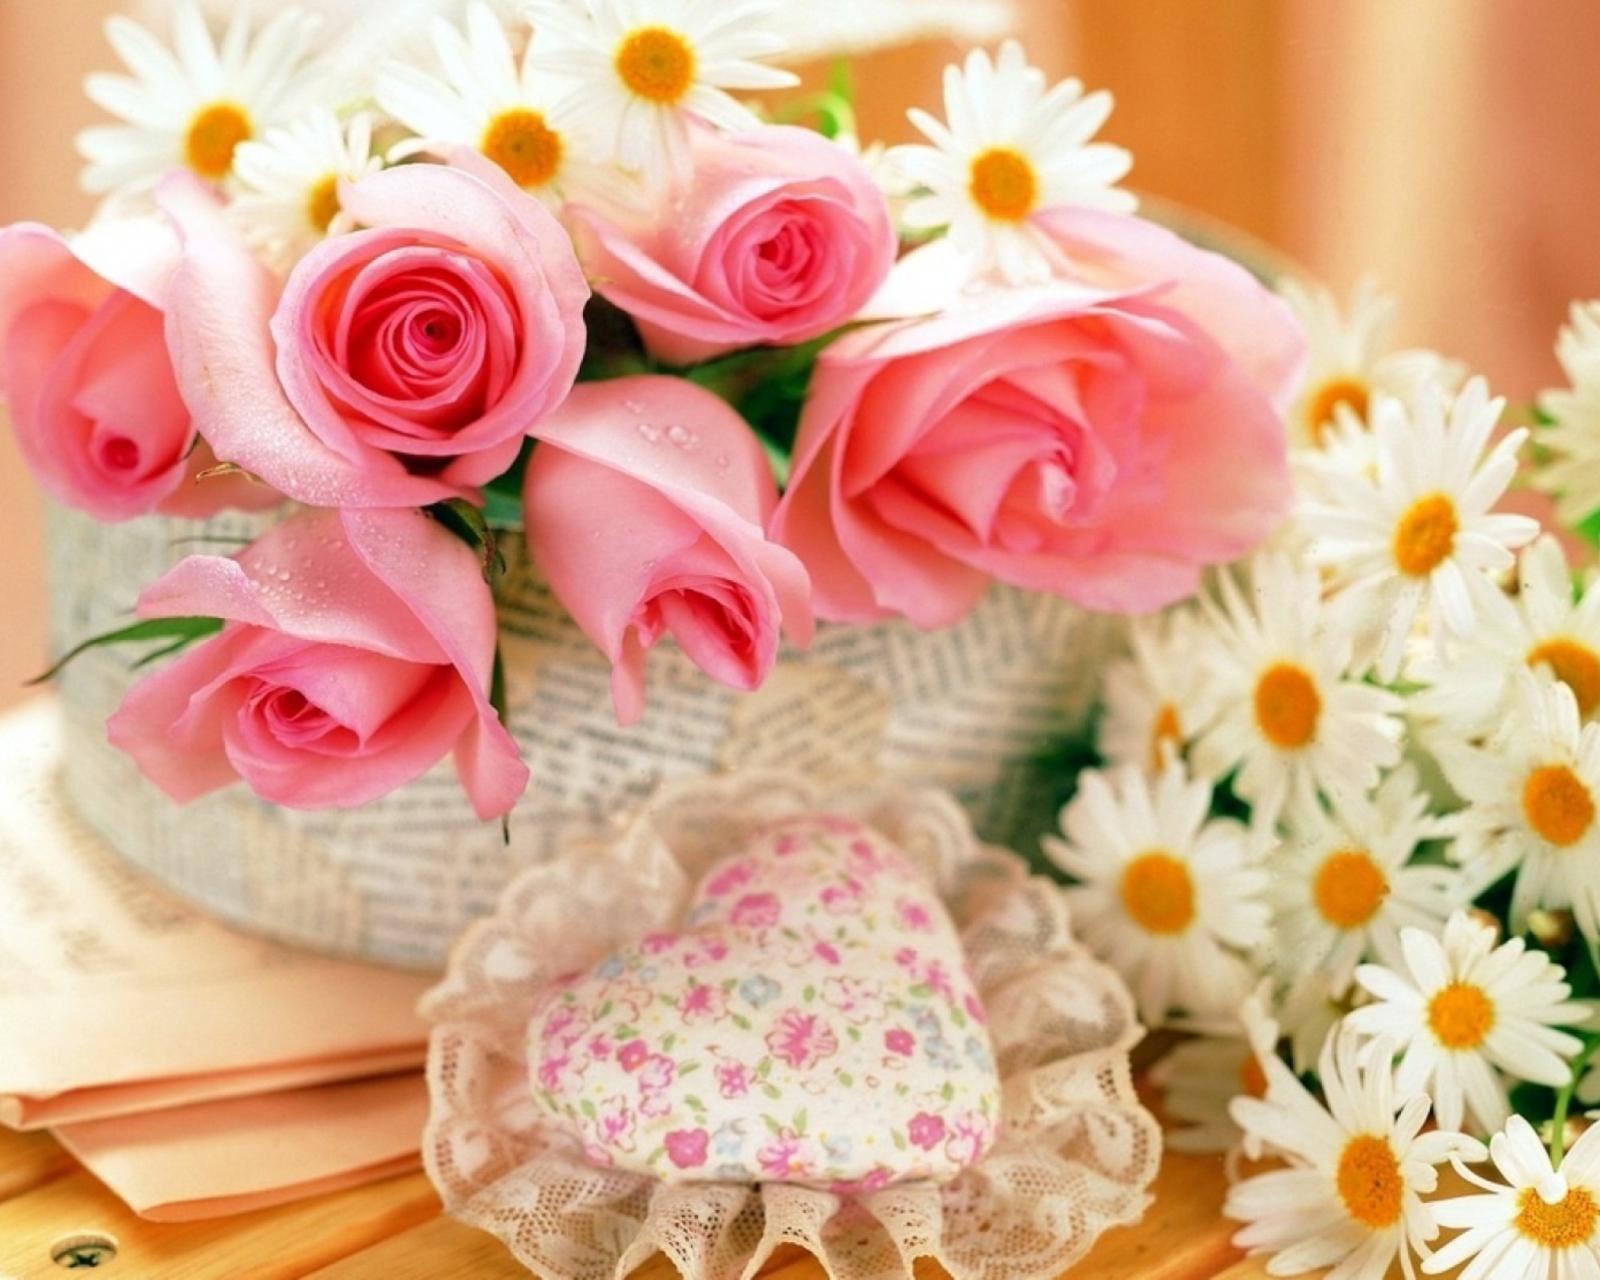 Картинки букет цветов для оли очень понравилось